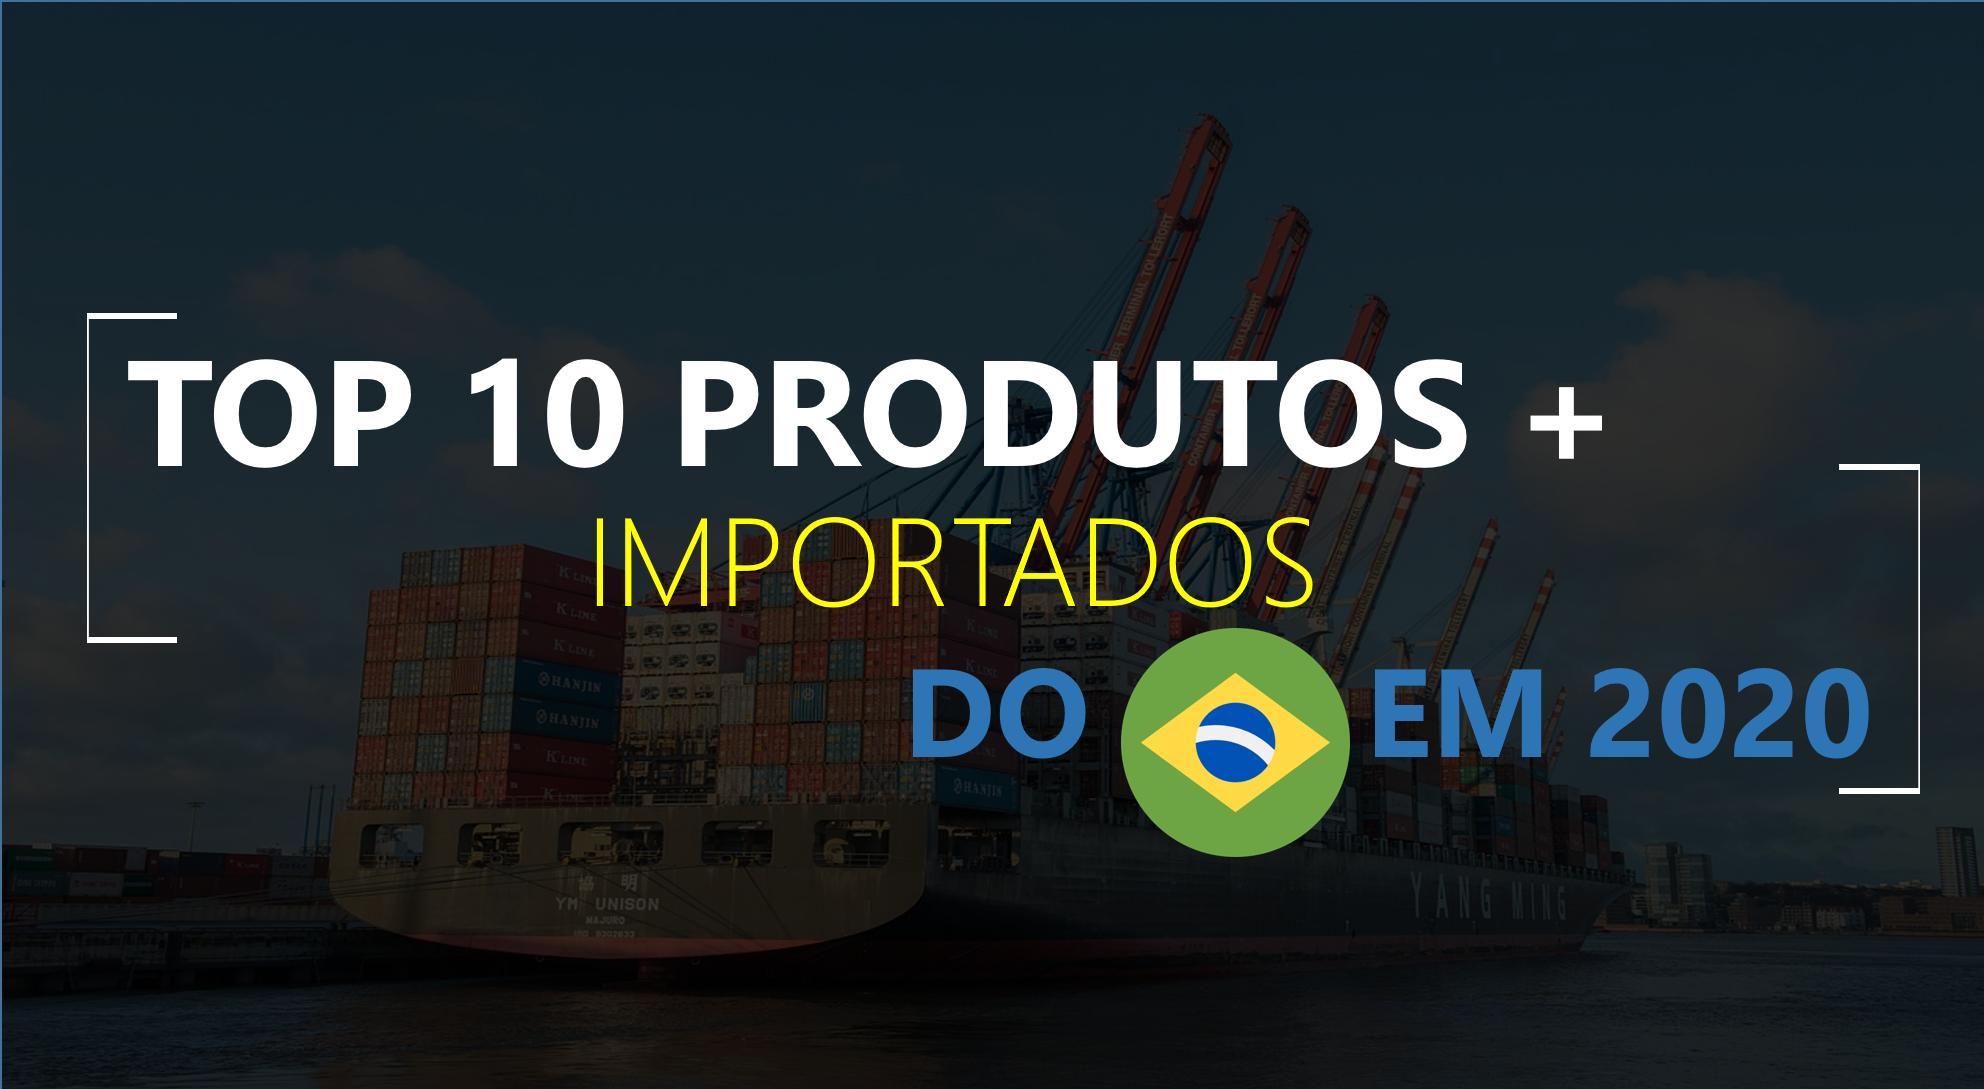 TOP 10 – Produtos mais importados no Brasil em 2020